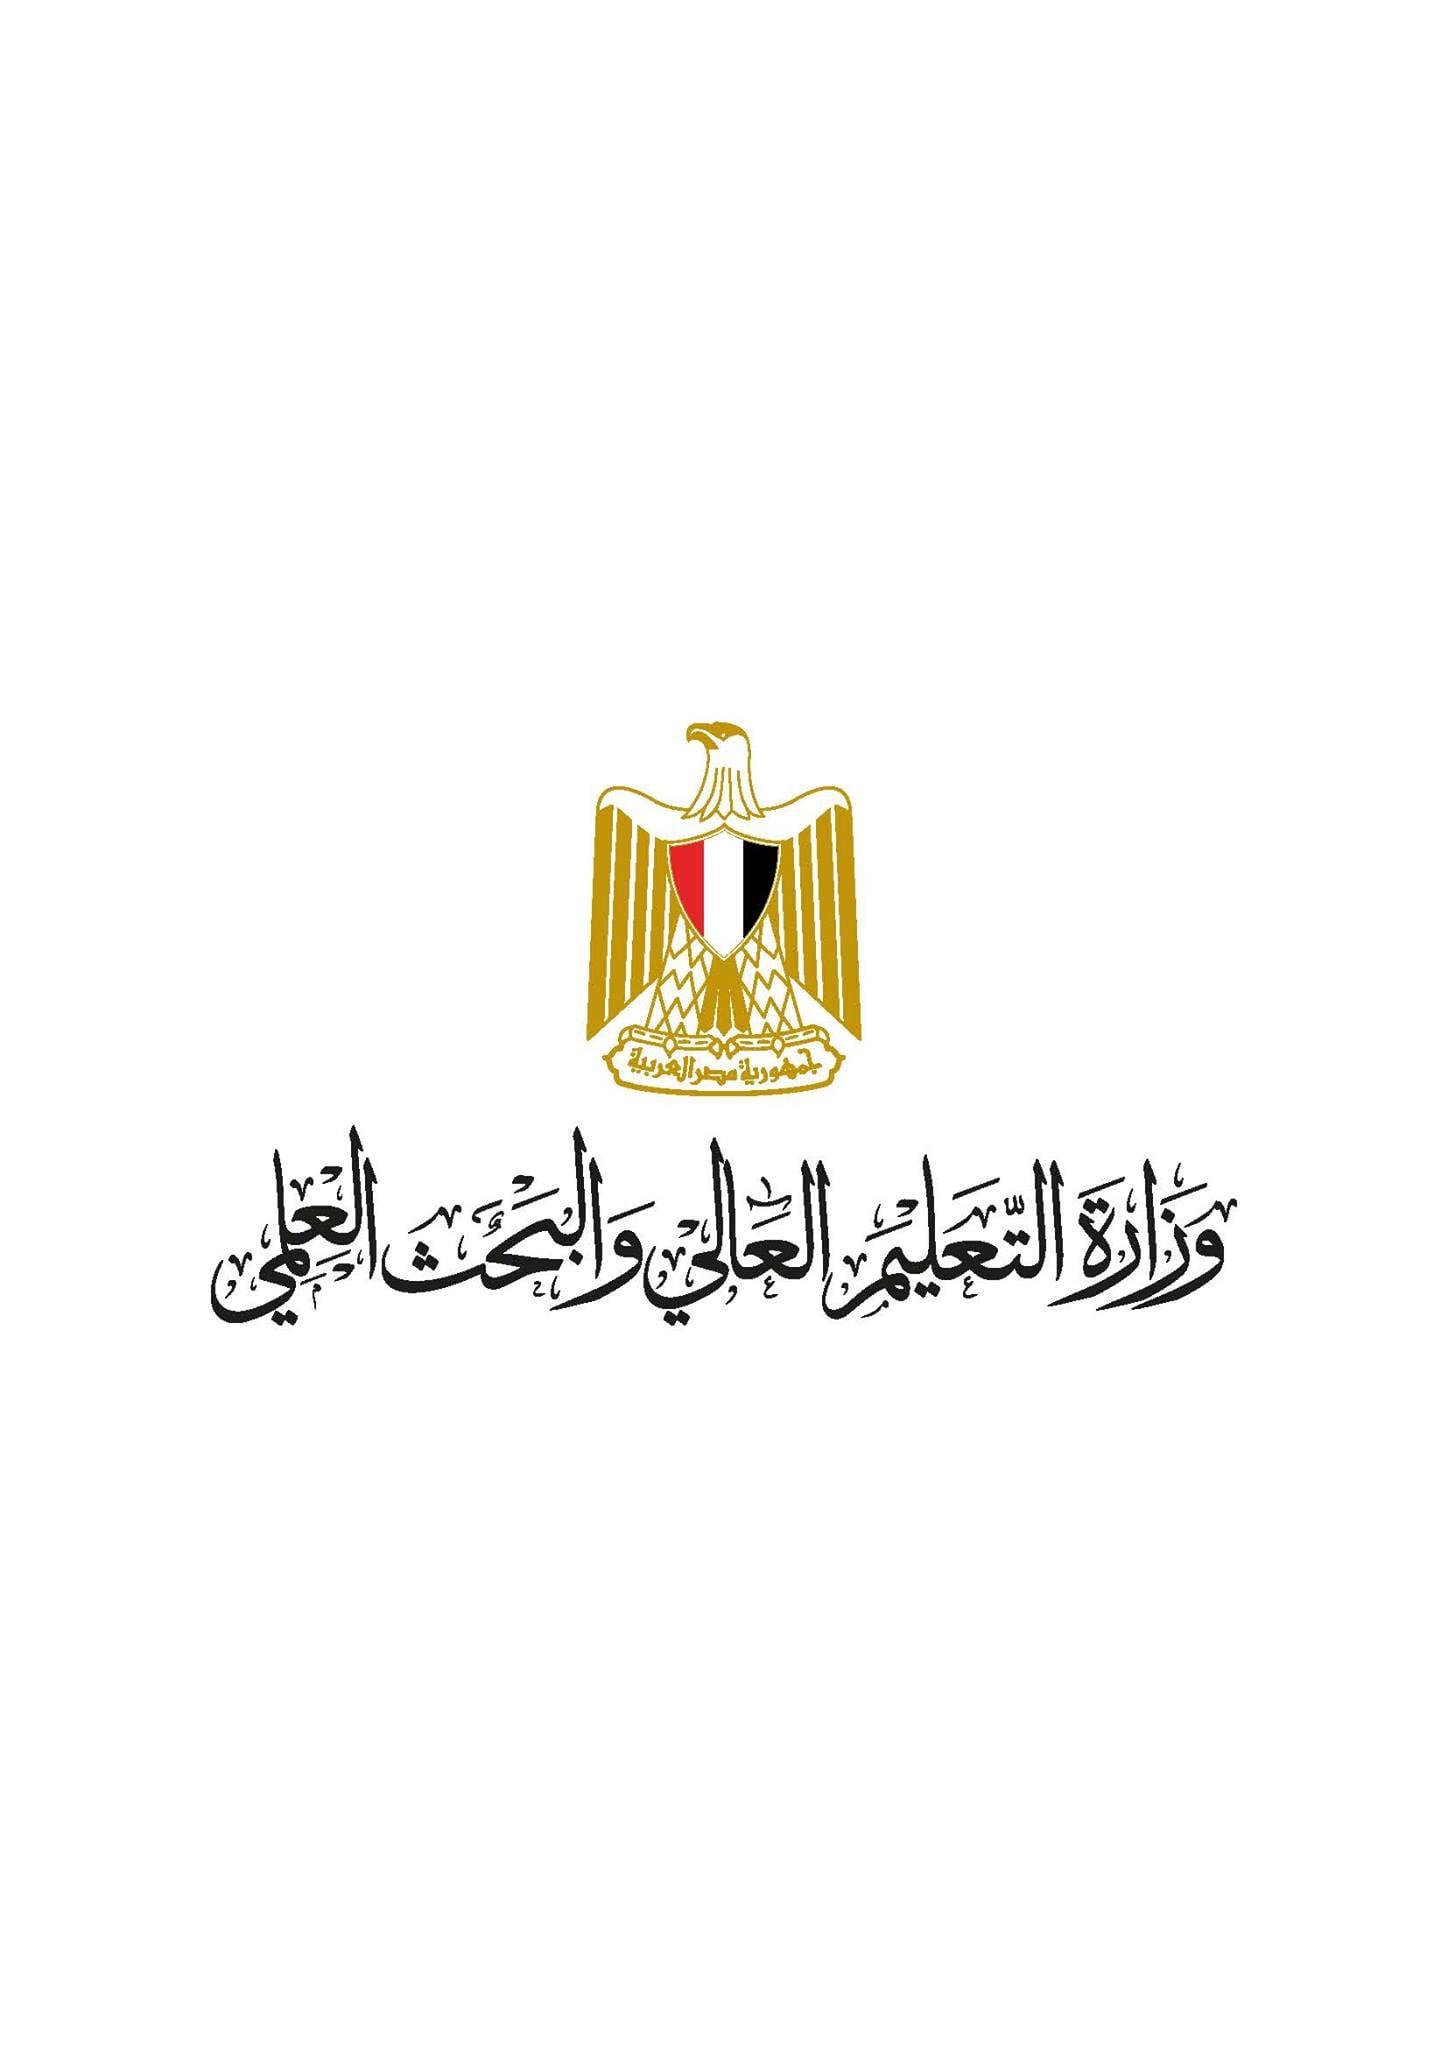 وزير التعليم العالى يشهد توقيع اتفاقية تعاون بين المجلس الأعلى للمستشفيات الجامعية والإدارة العامة لمستشفيات باريس